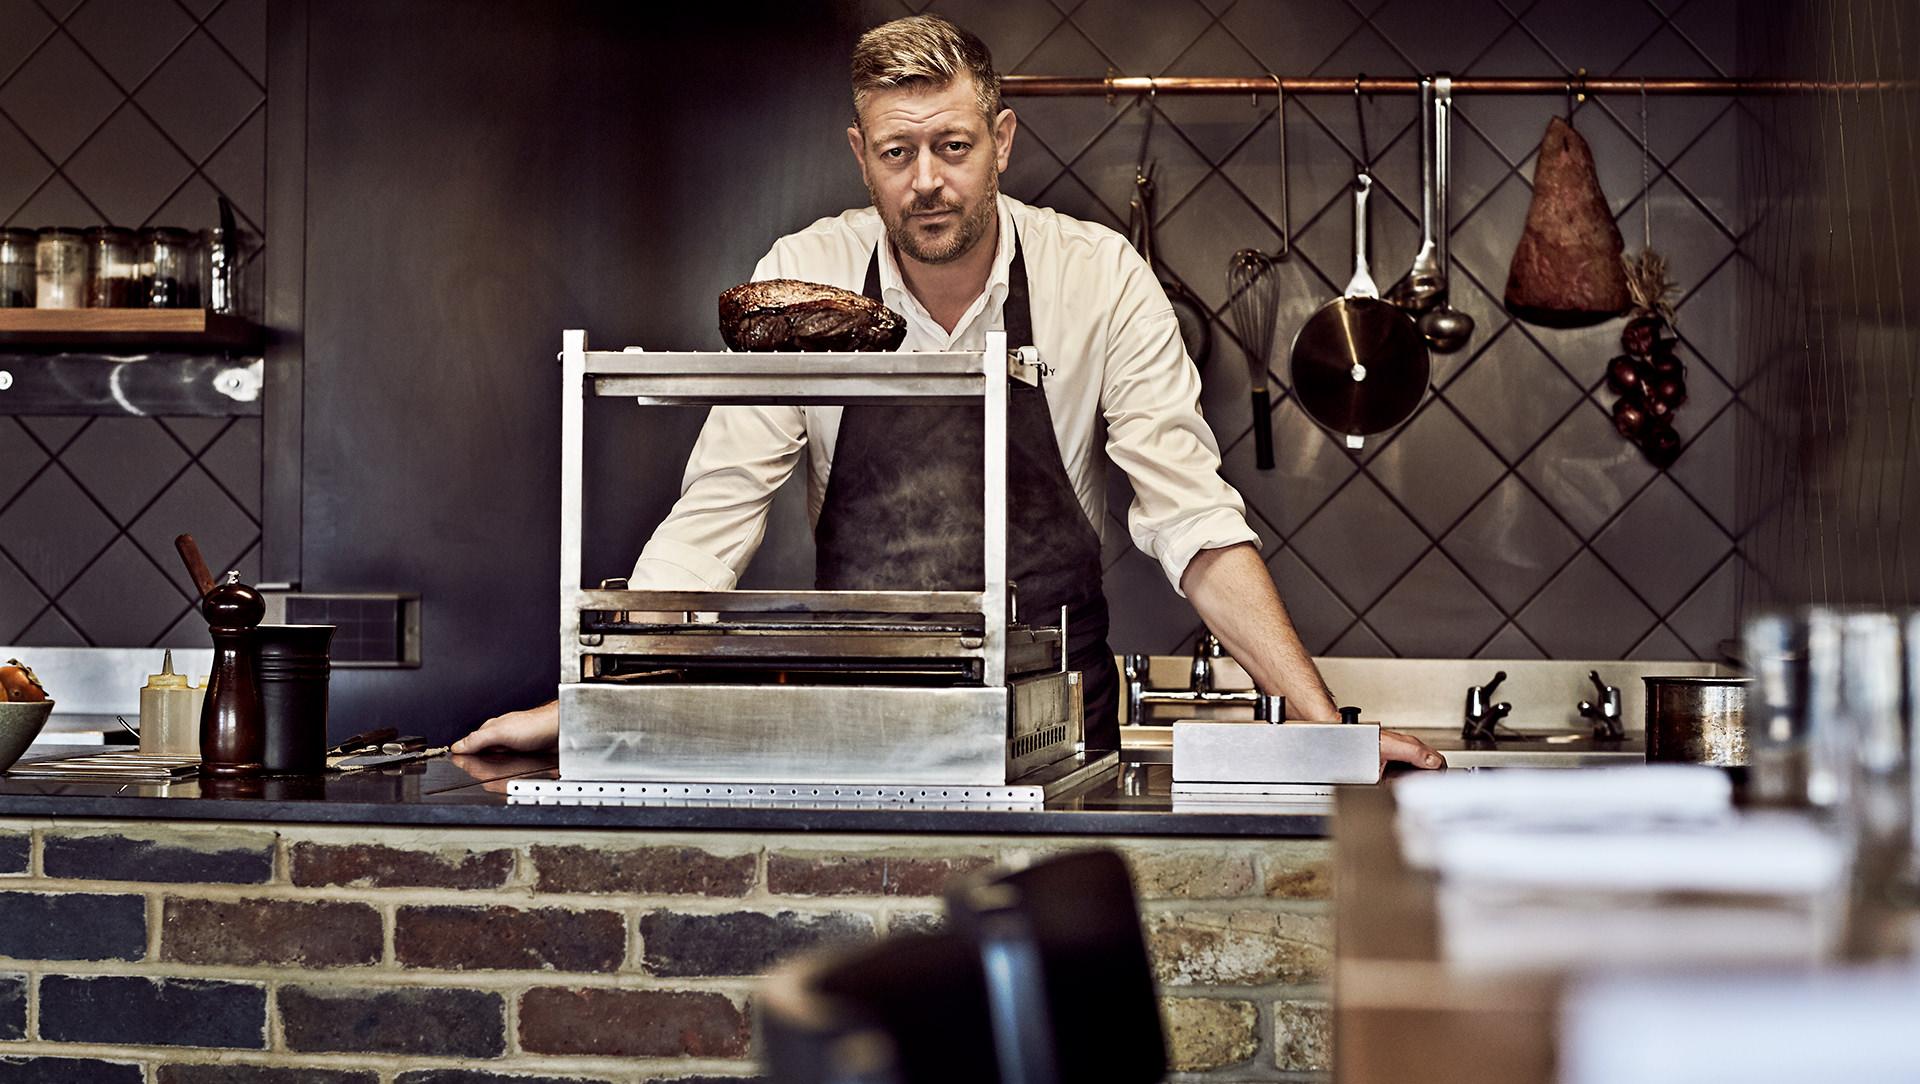 adam-byatt-starchef-kitchen-london